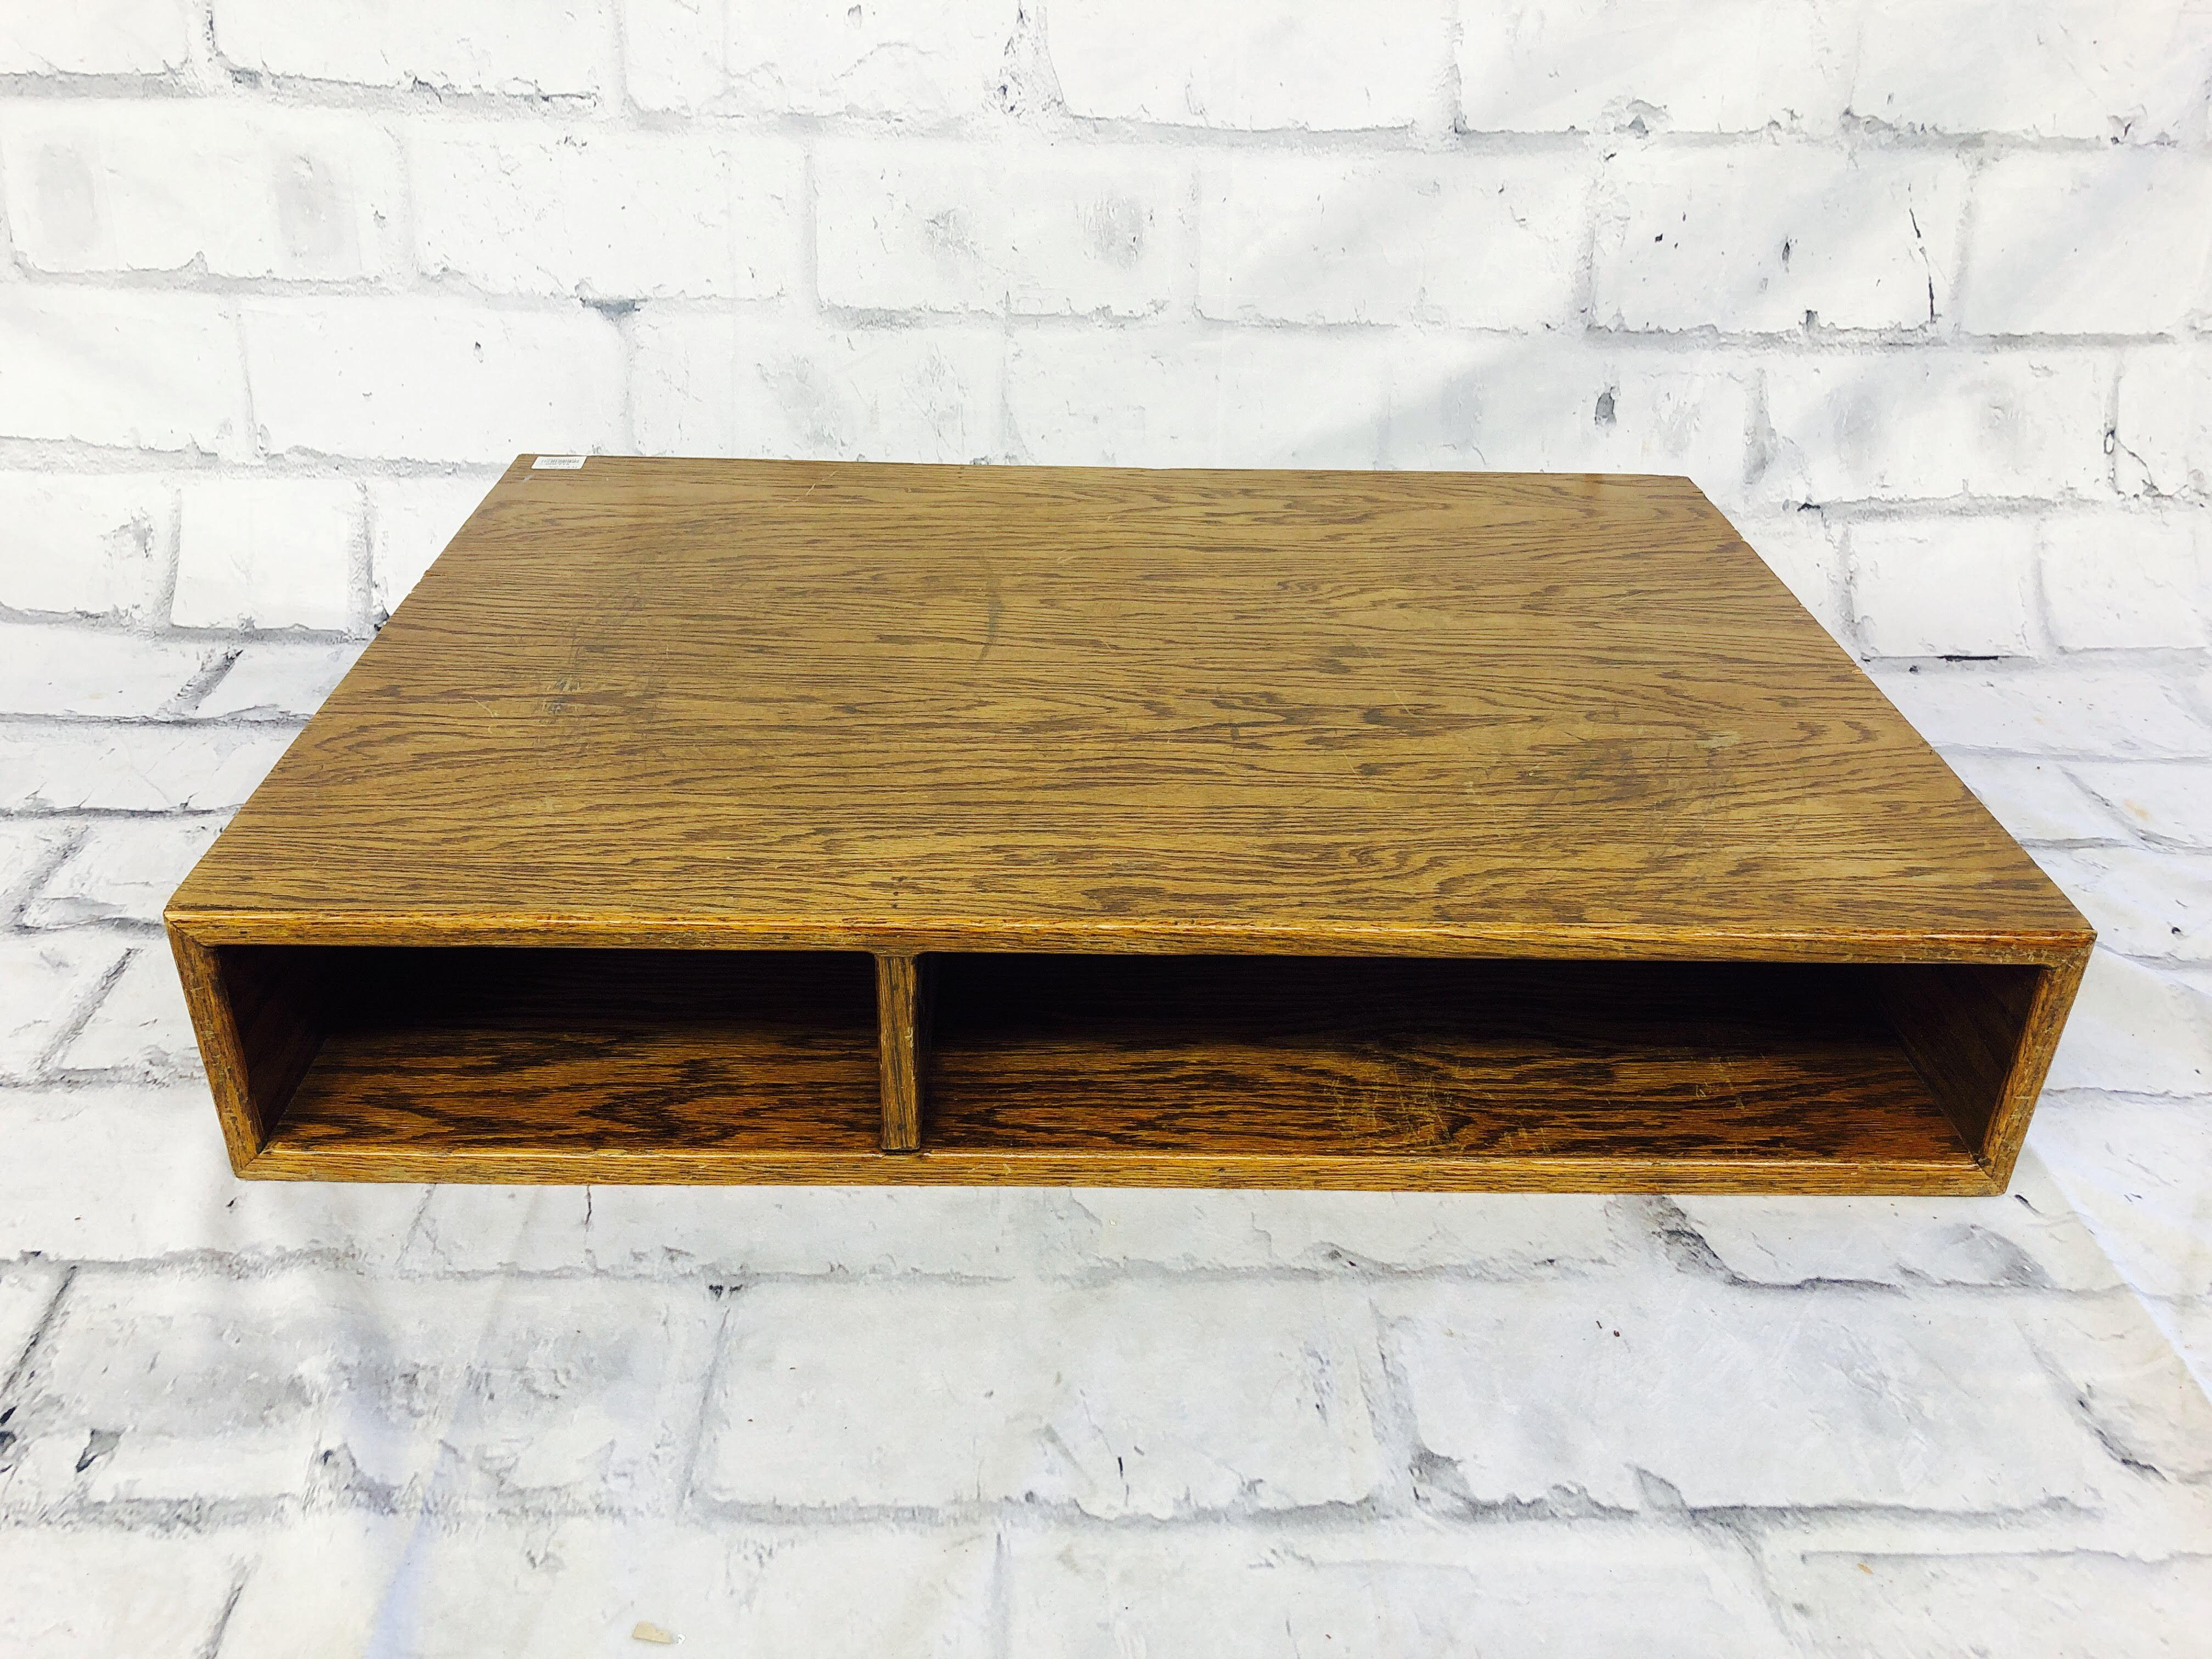 品番1386 テレビ台 TVテーブル チーク材 木製 インテリア アンティーク